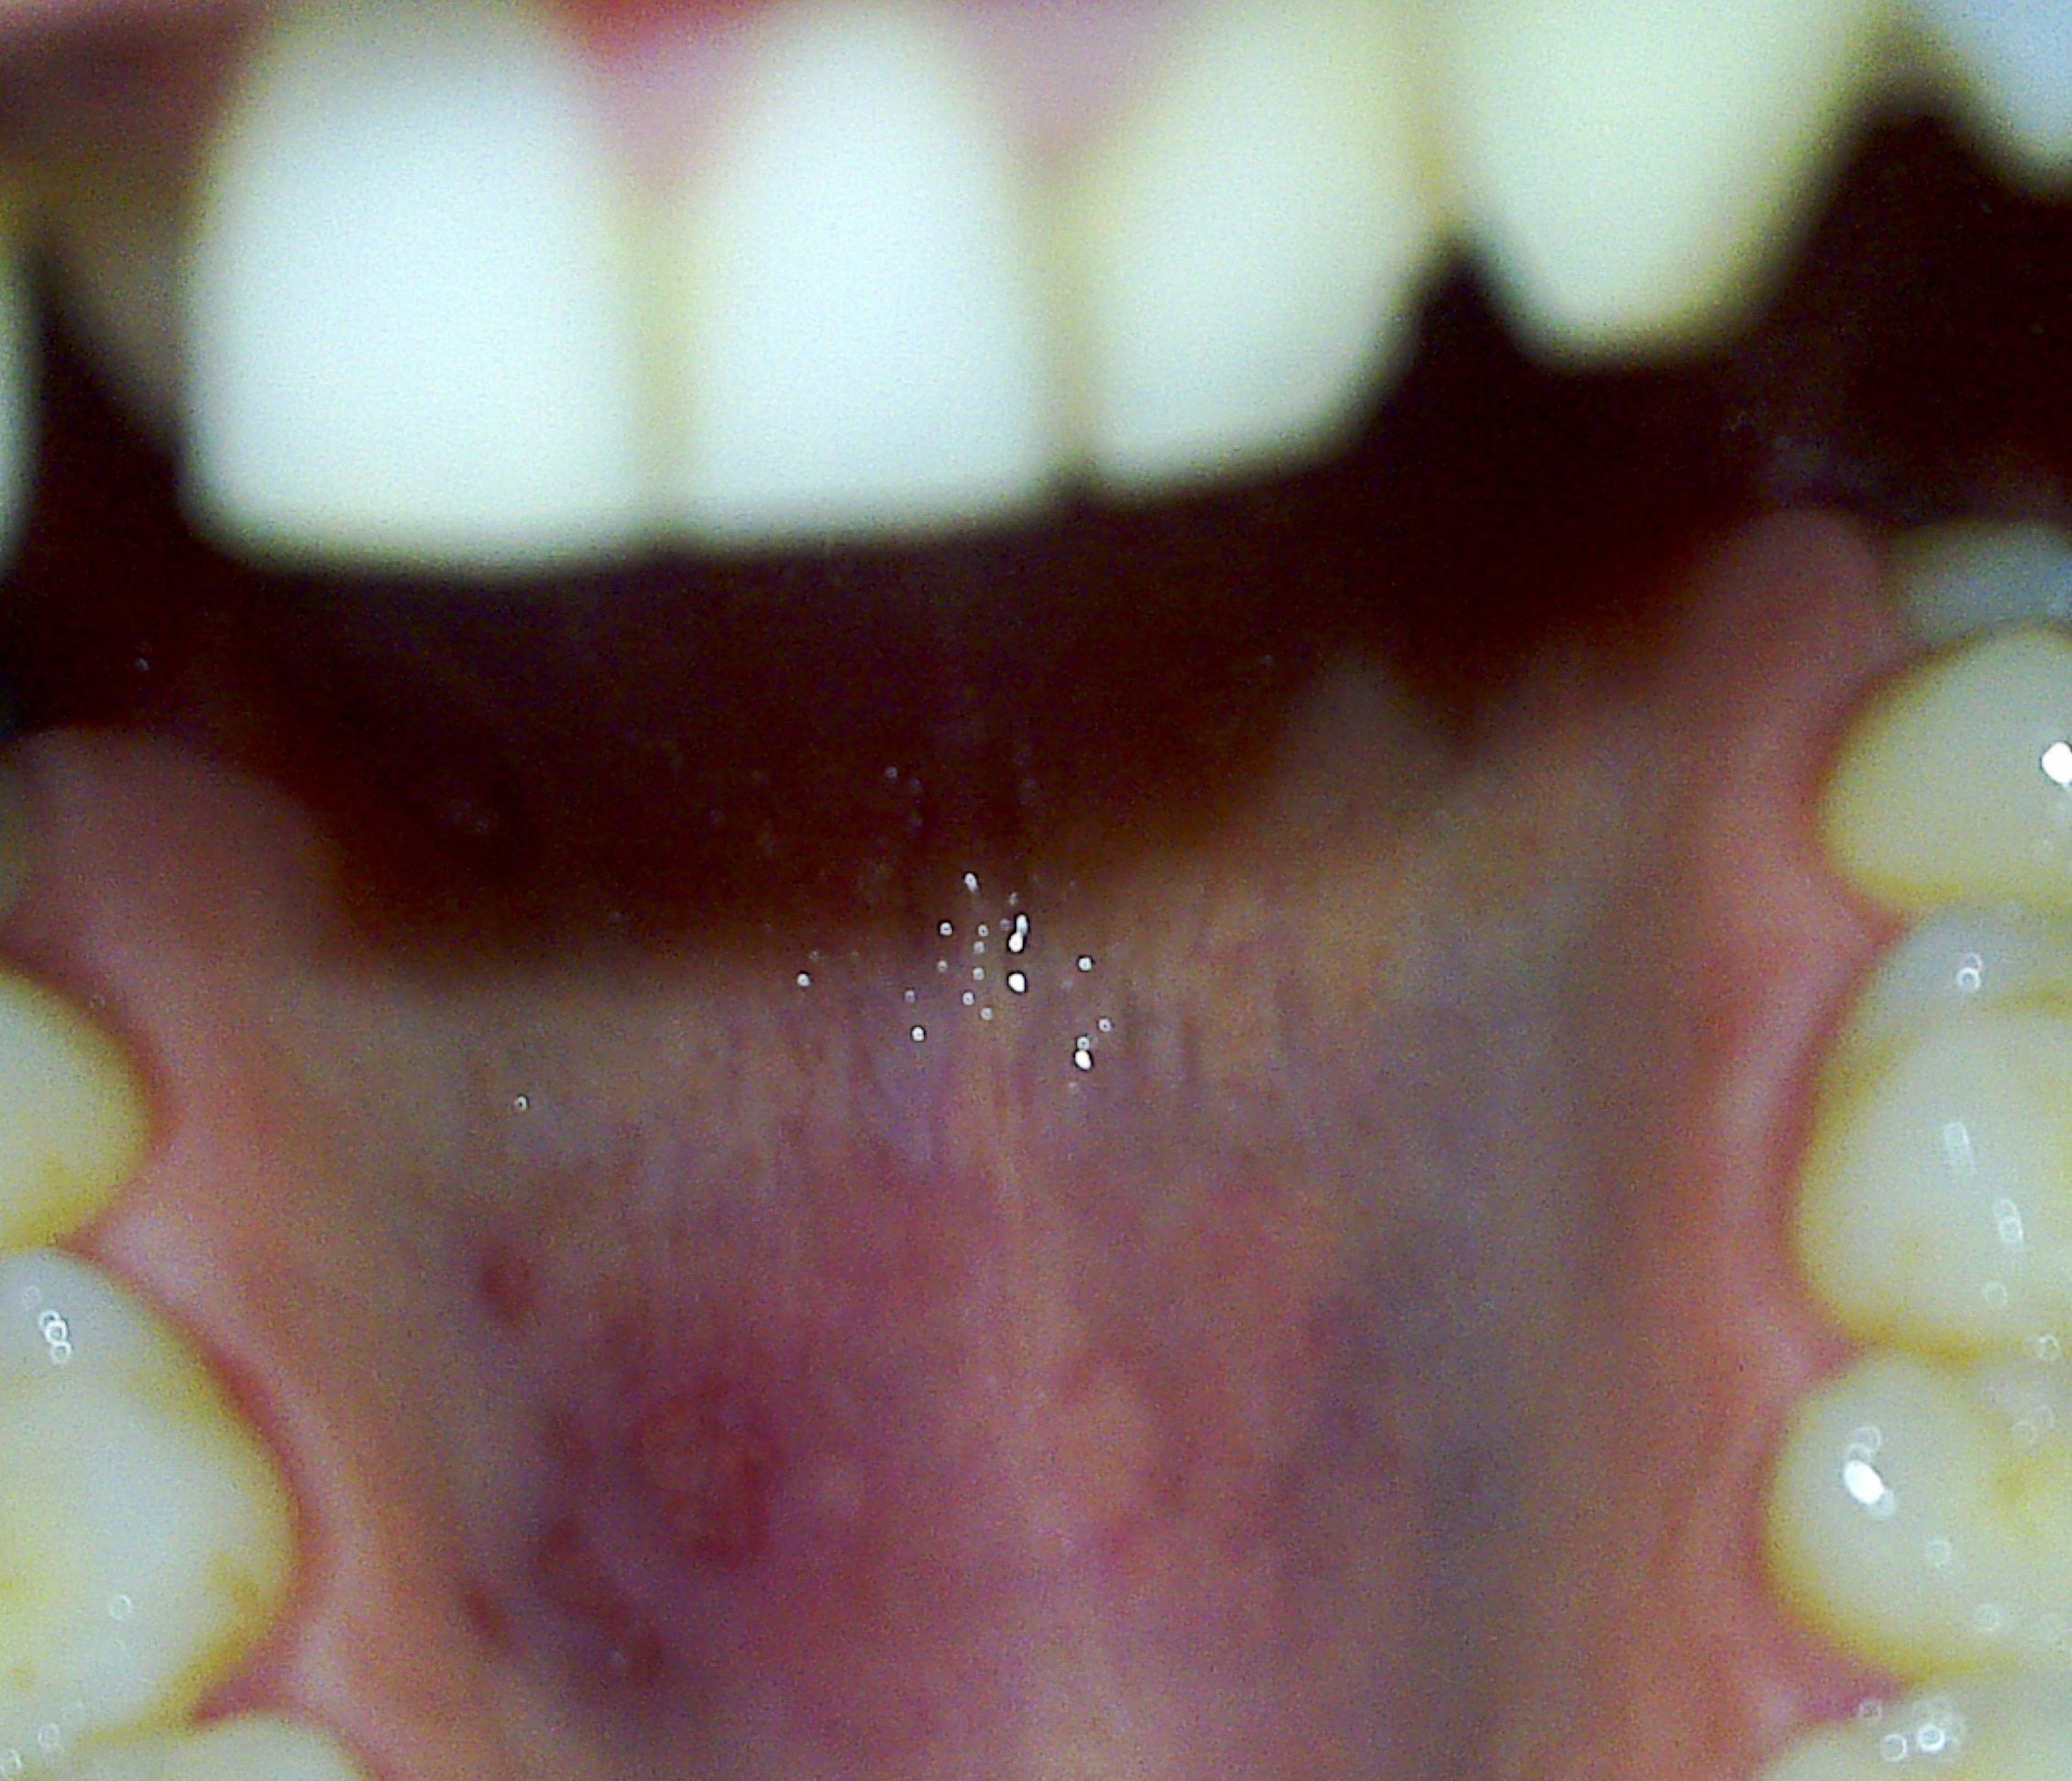 Ringraziamenti e seguito alla domanda: Da 2 giorni ho sotto il palato duro una zona rossa con all'interno piccole bolle